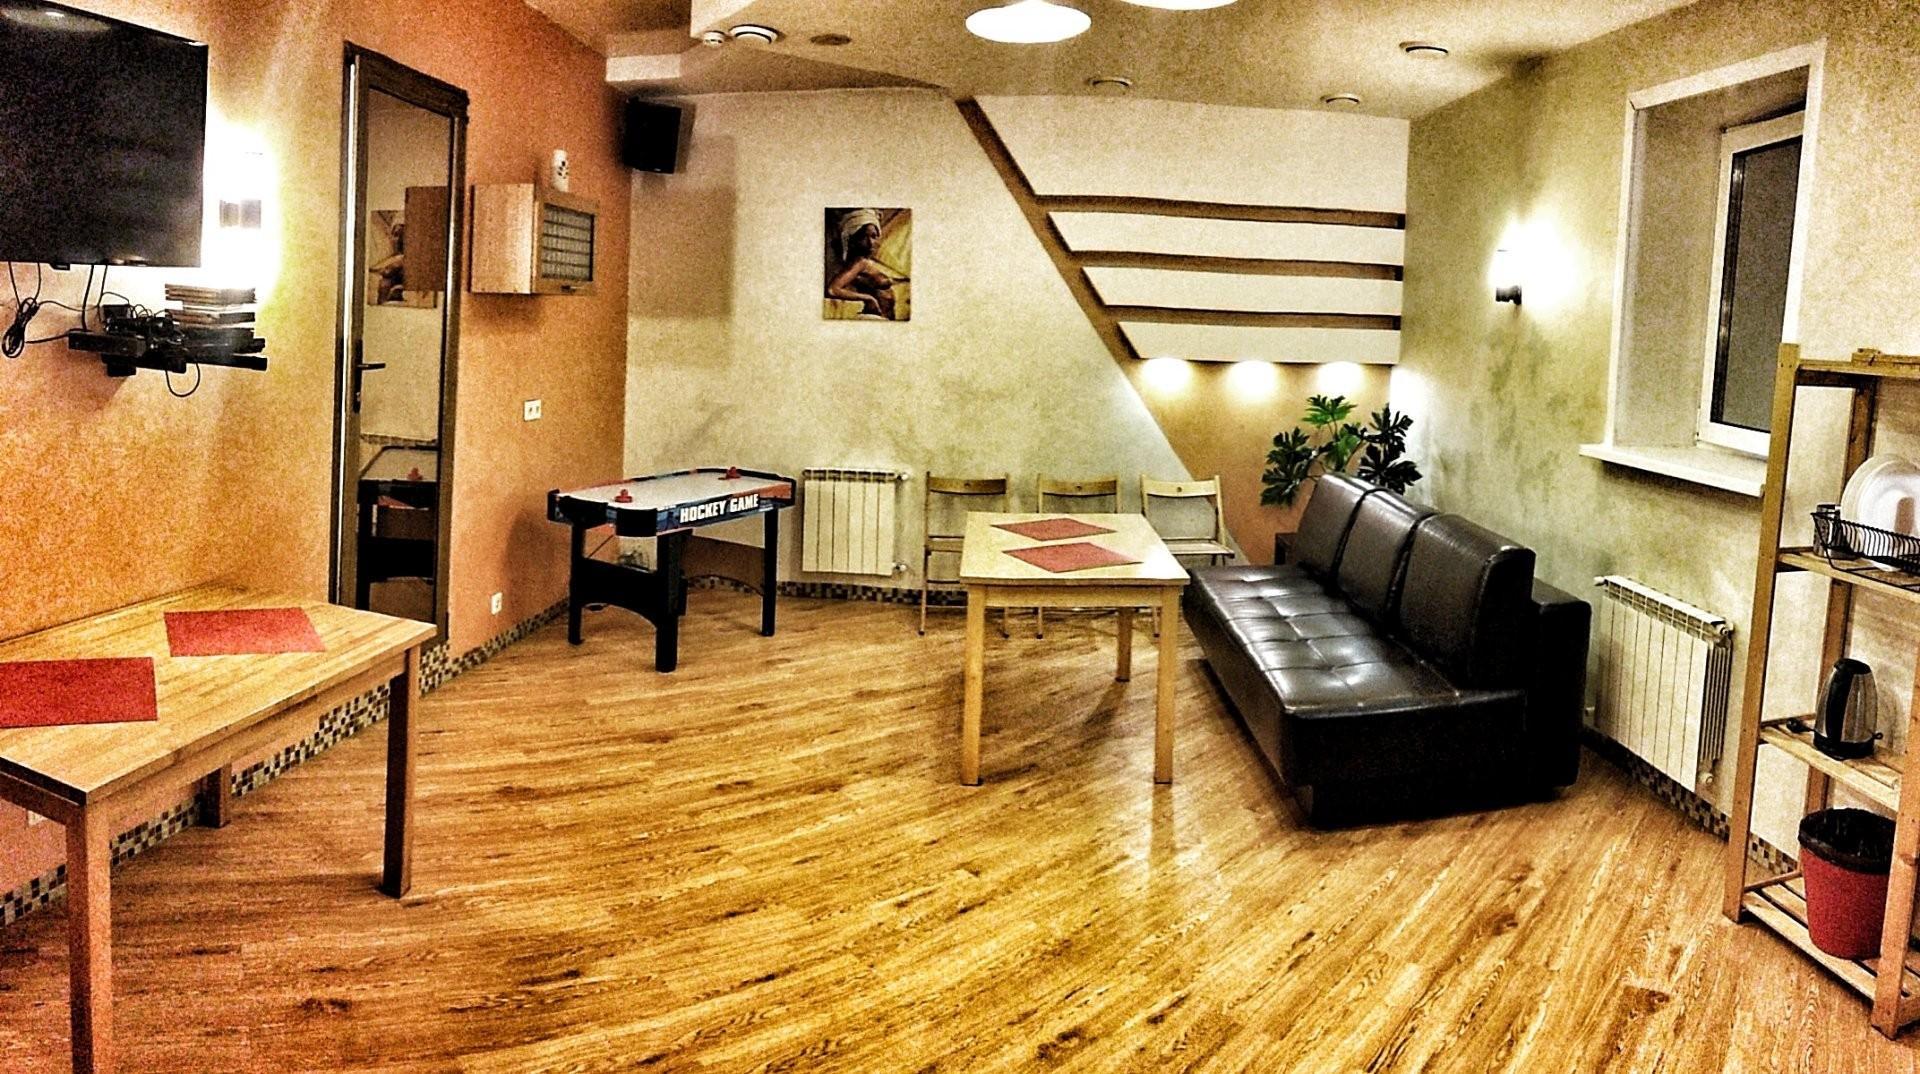 Мальта, гостиничный комплекс - №8